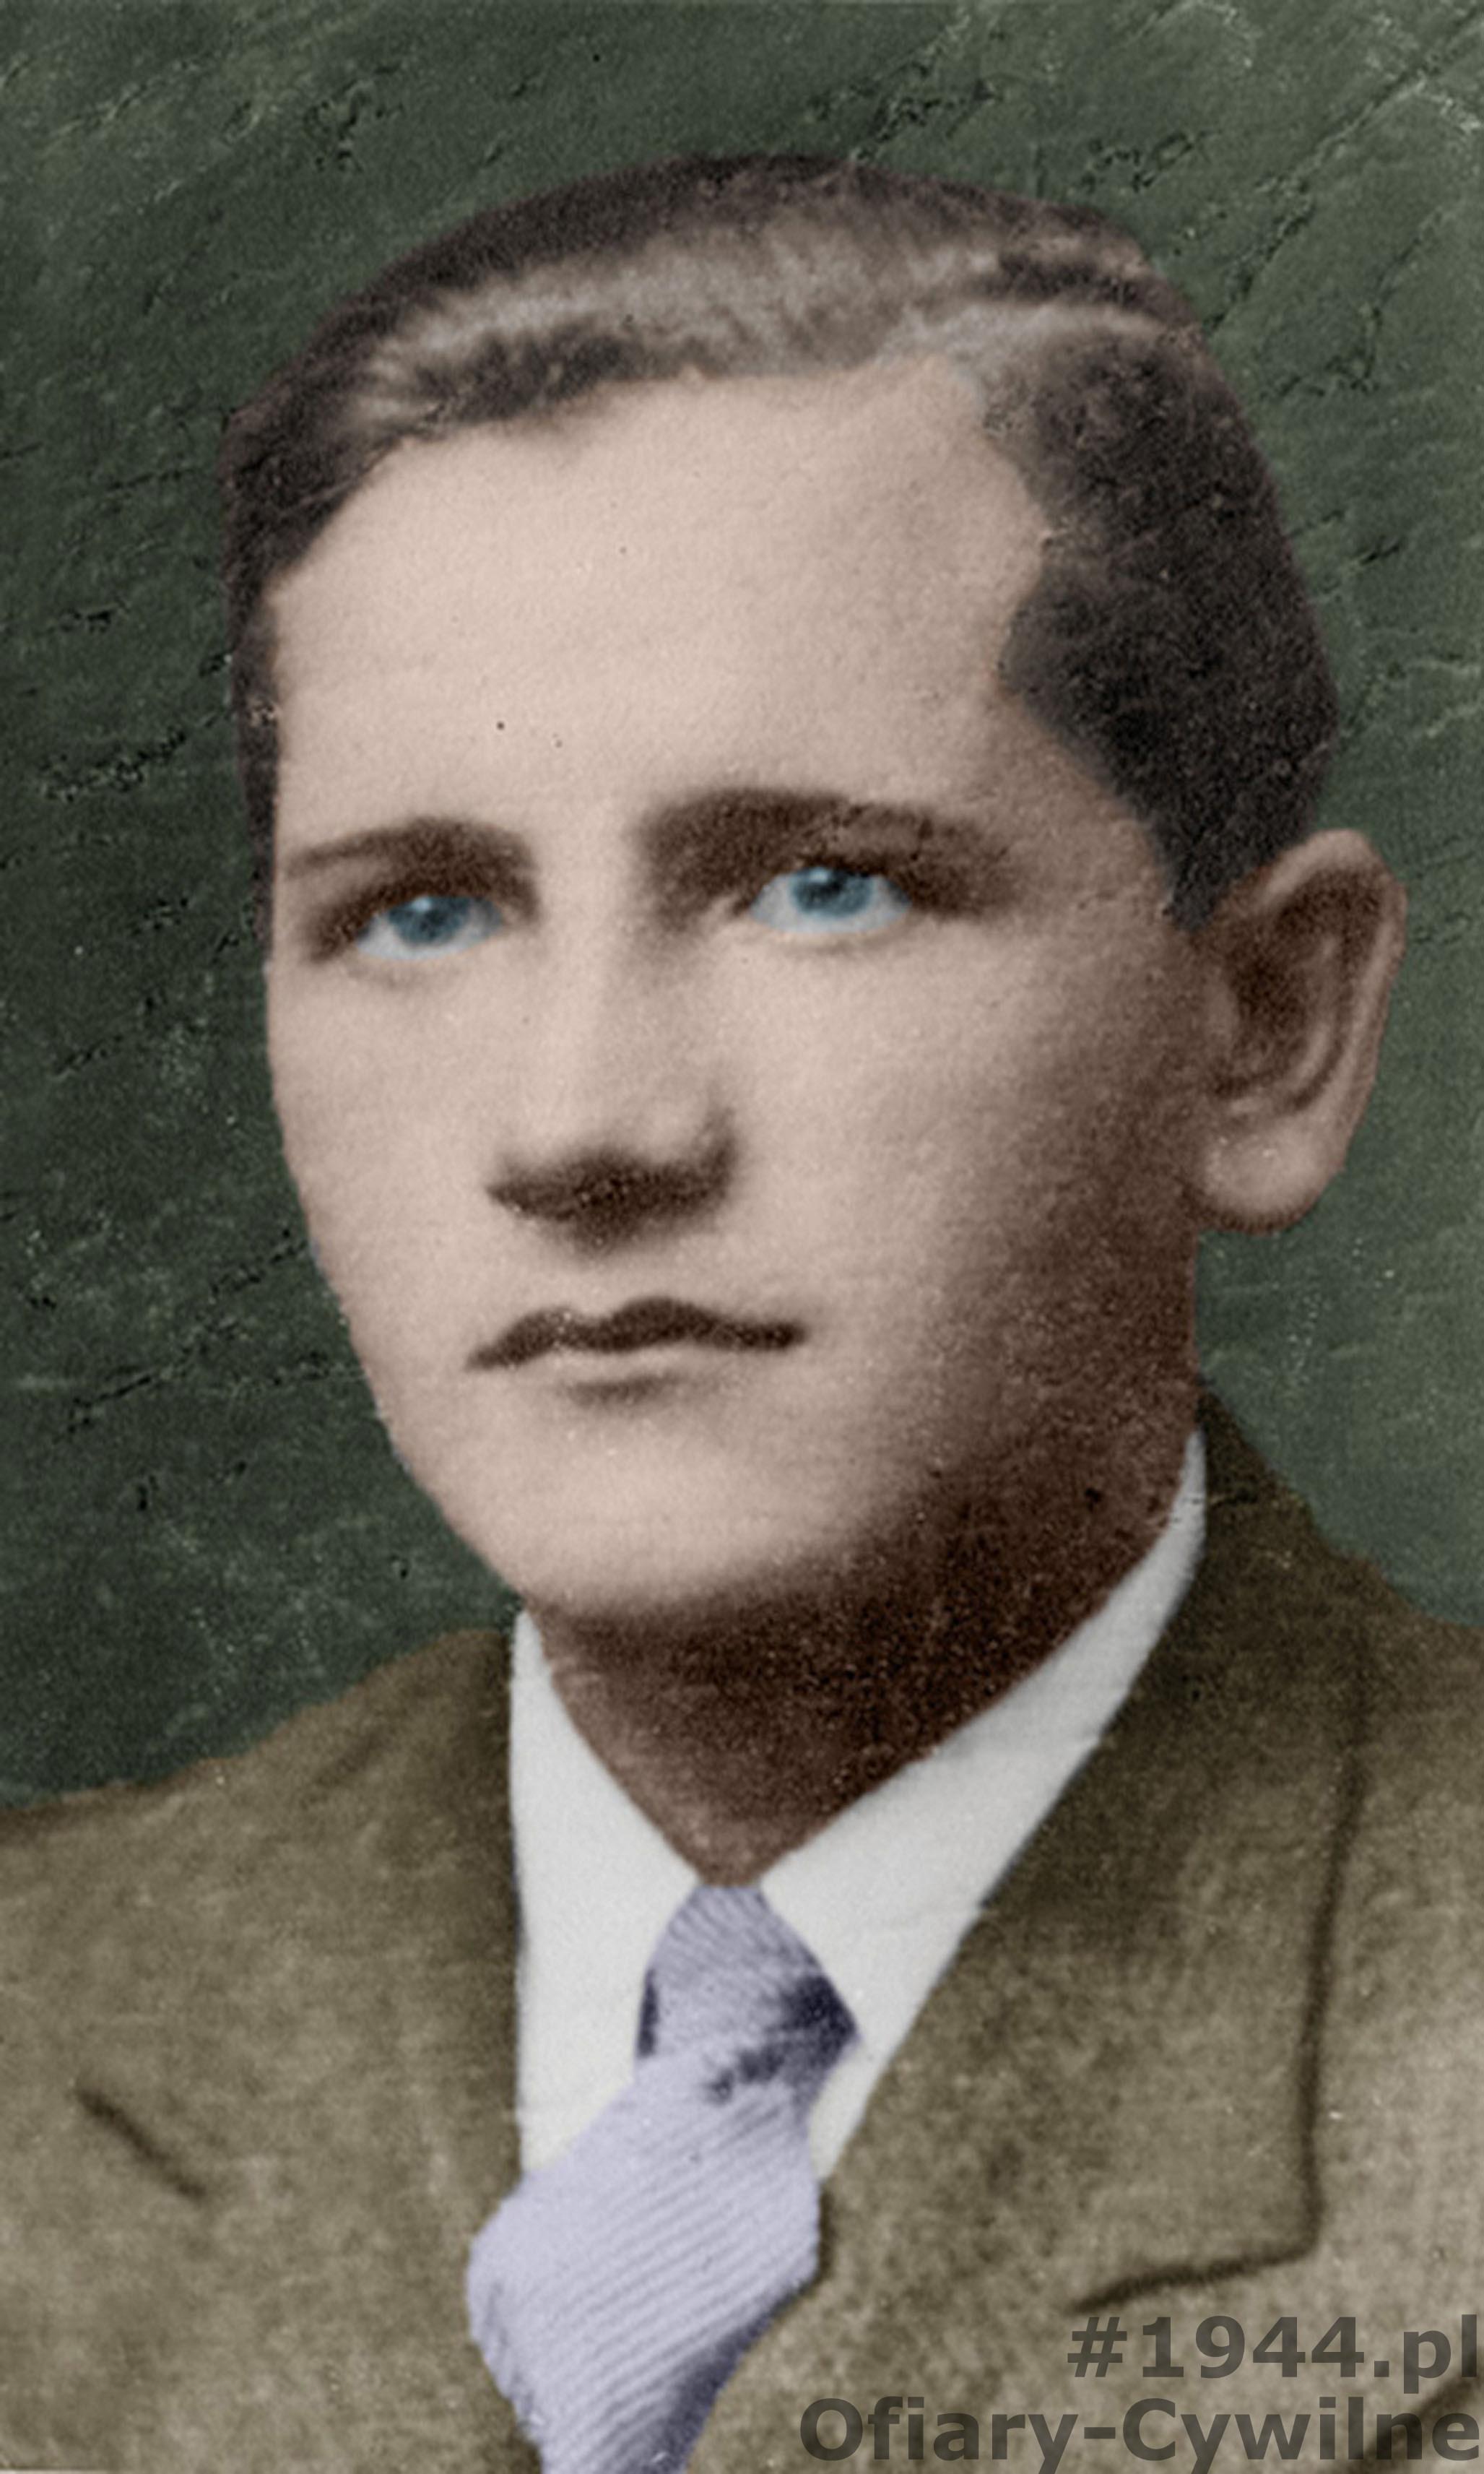 Edward Fornal (1919-1944), zdjęcie udostępnione przez pana Wojciecha Zalewskiego